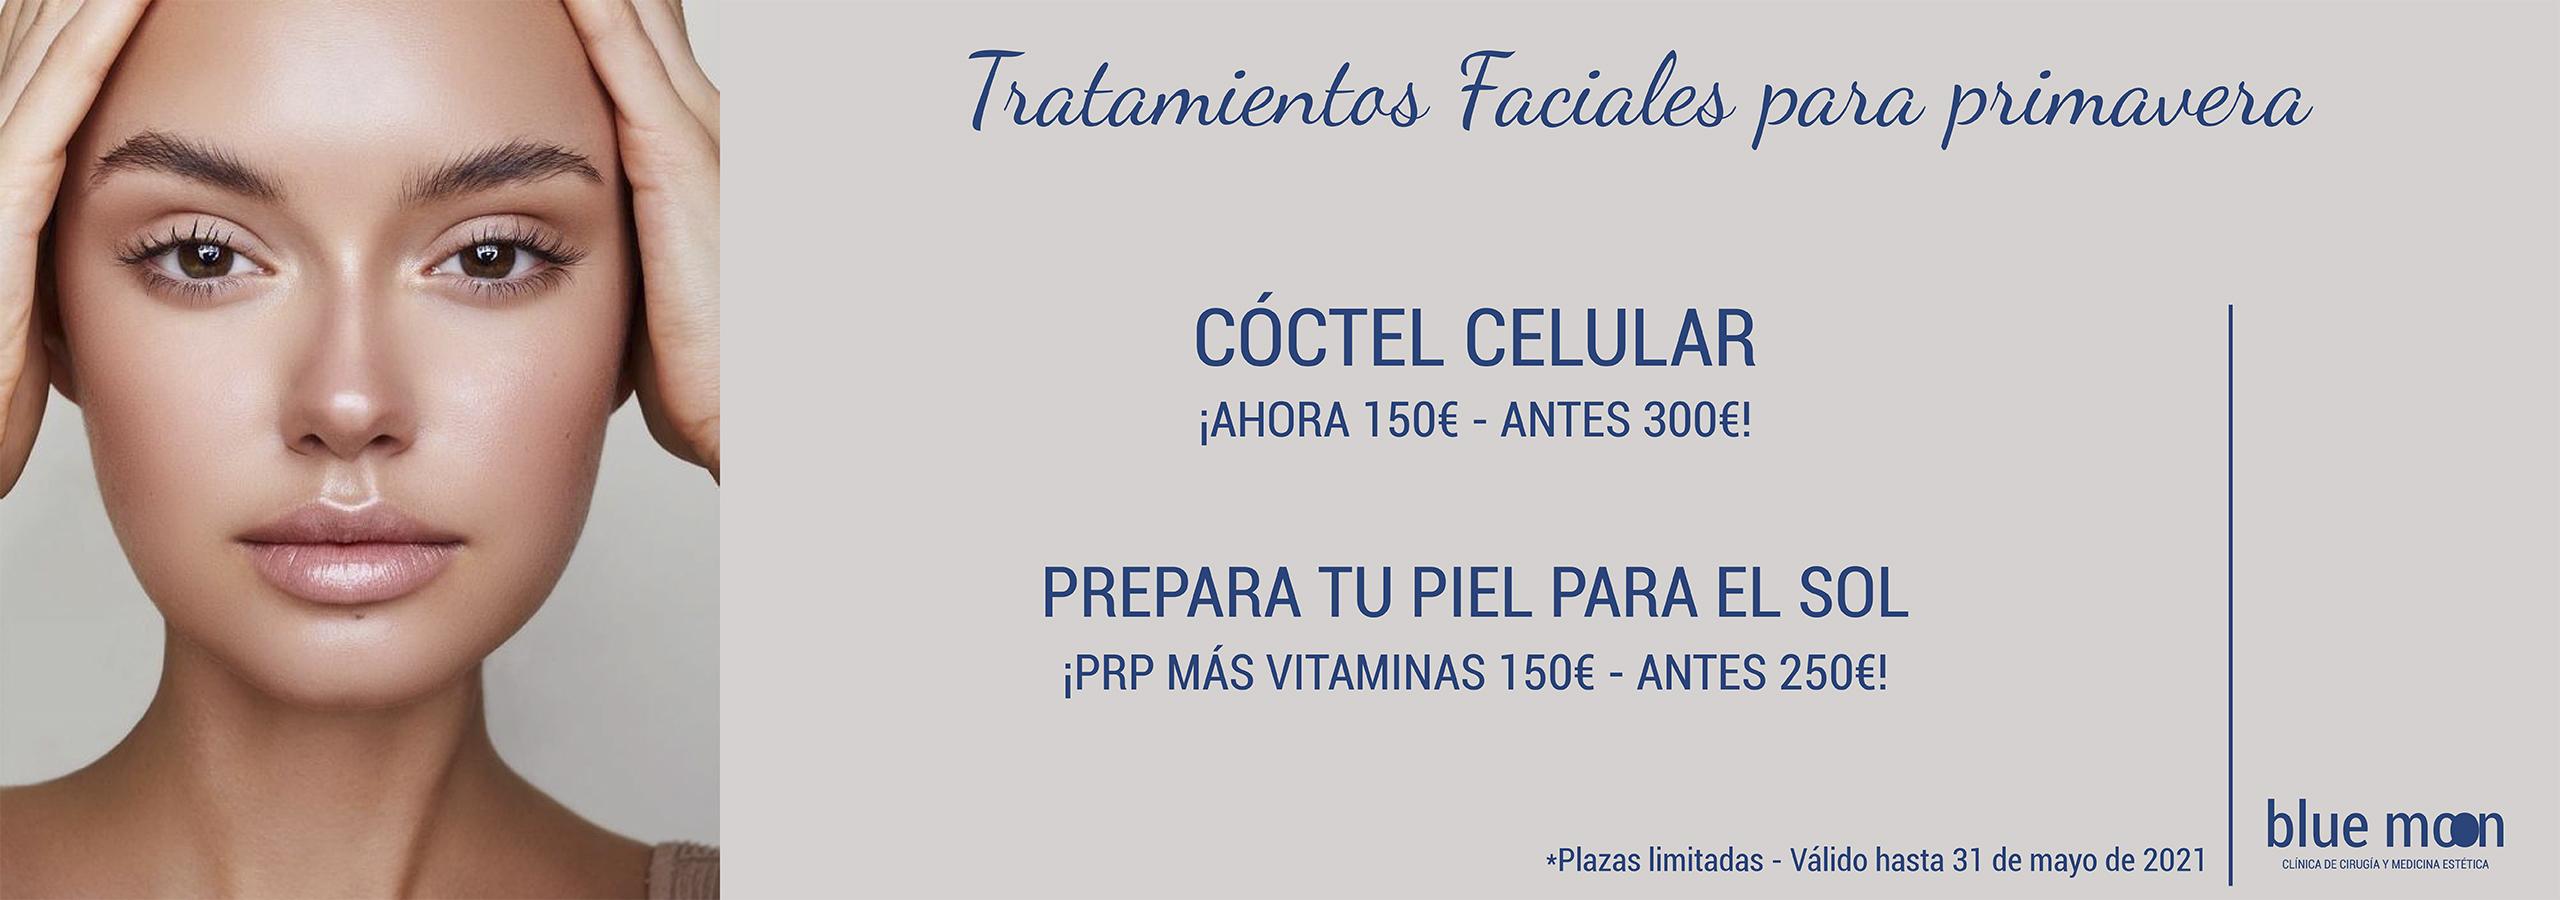 Tratamientos faciales en Madrid